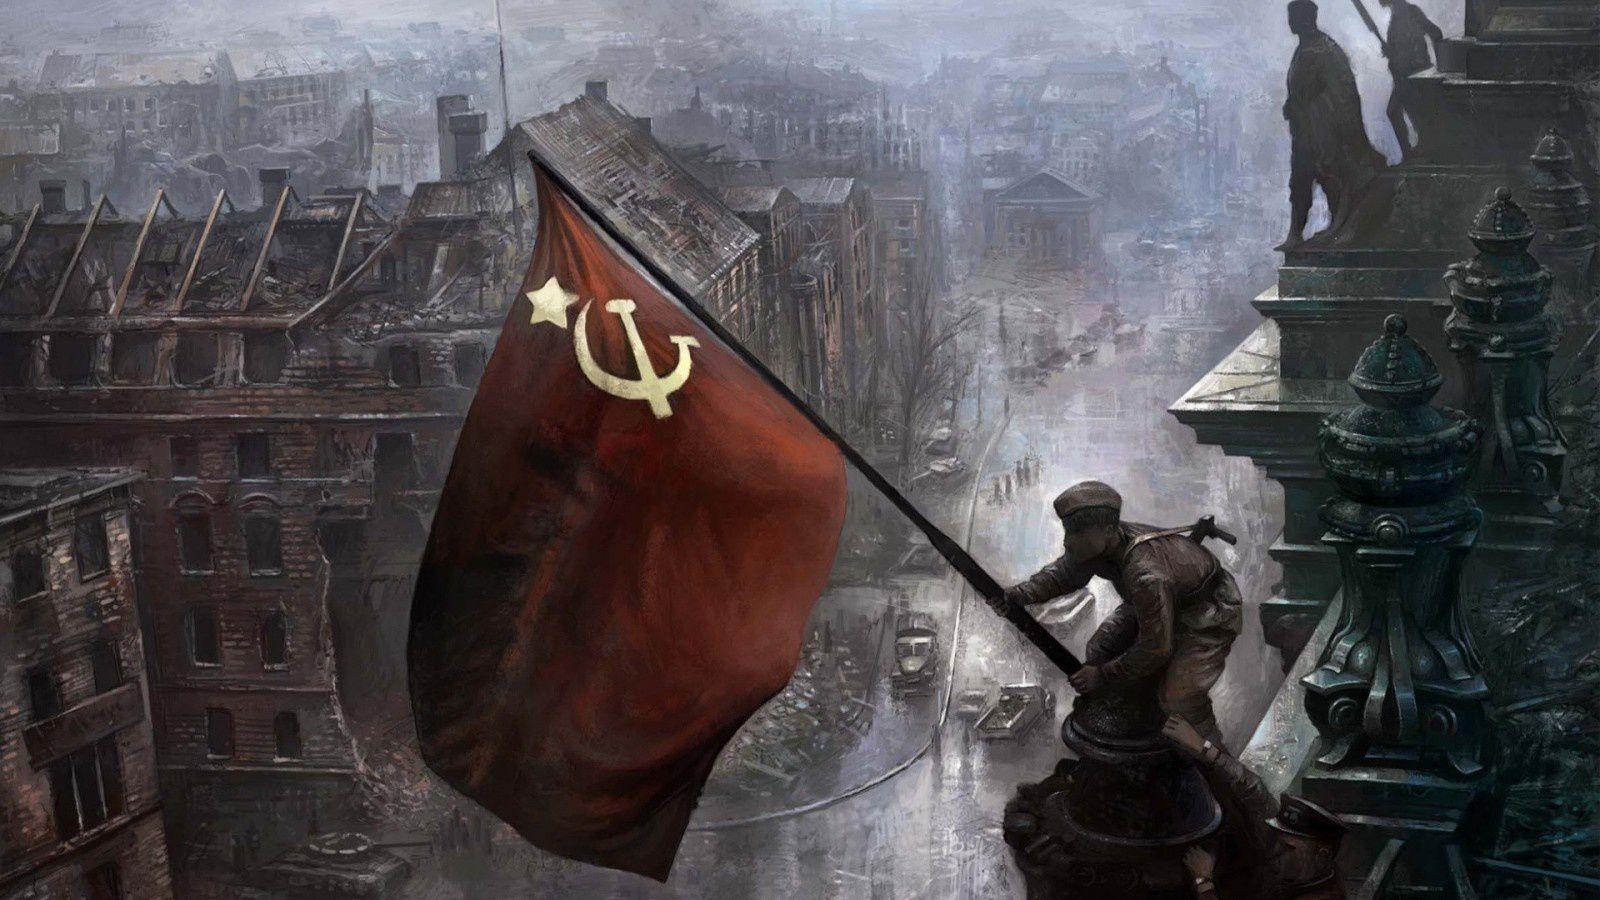 Le rôle de l'URSS dans la deuxième guerre mondiale (1939-1945)